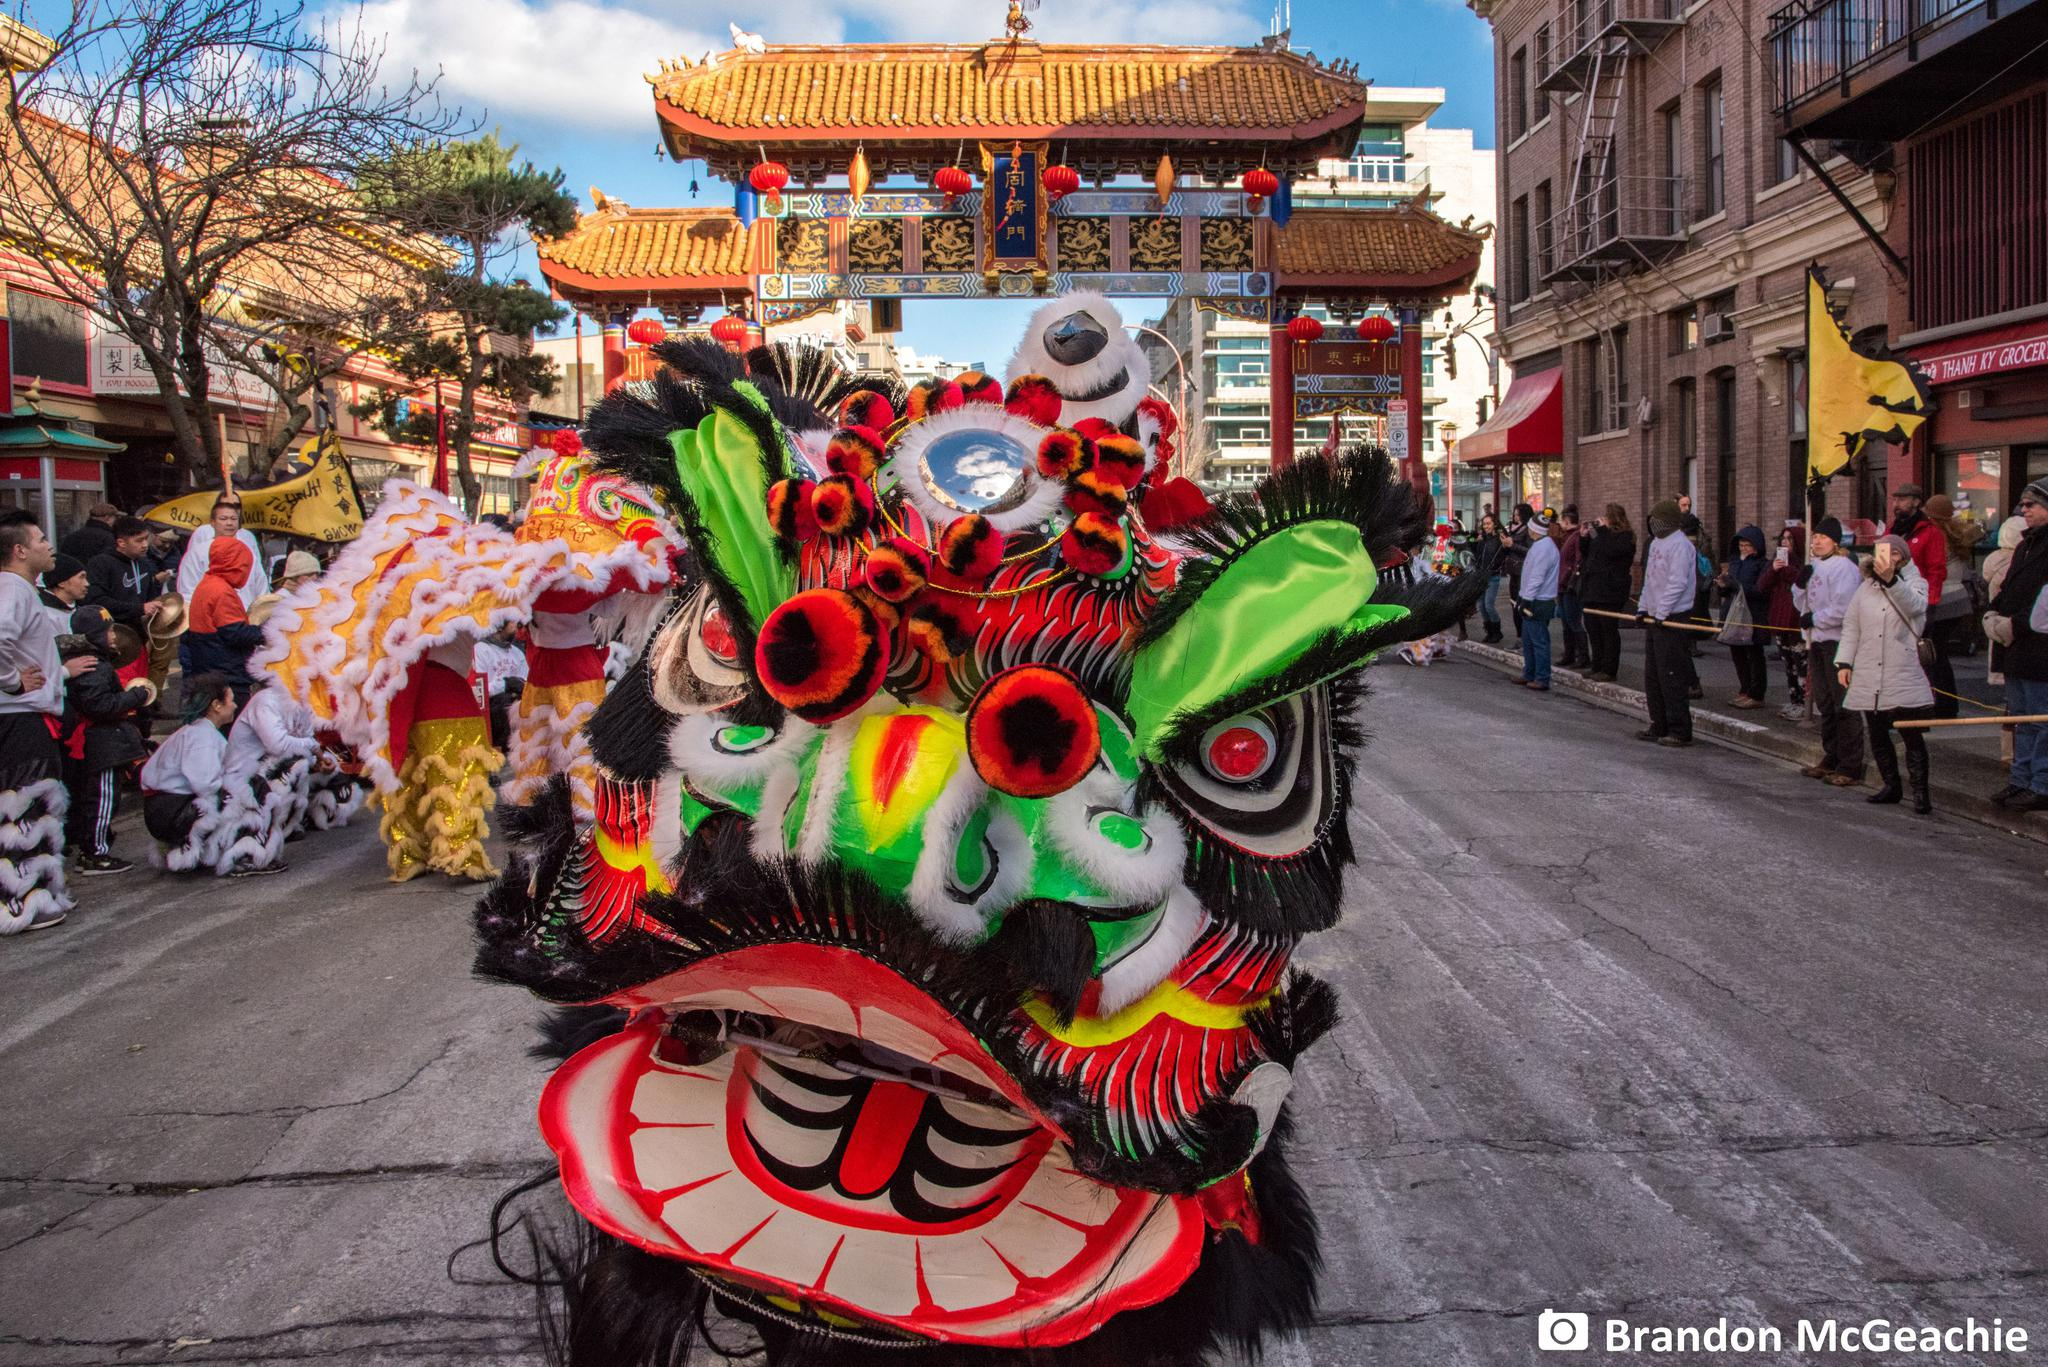 到此一游|传统舞狮 在温哥华热闹过年